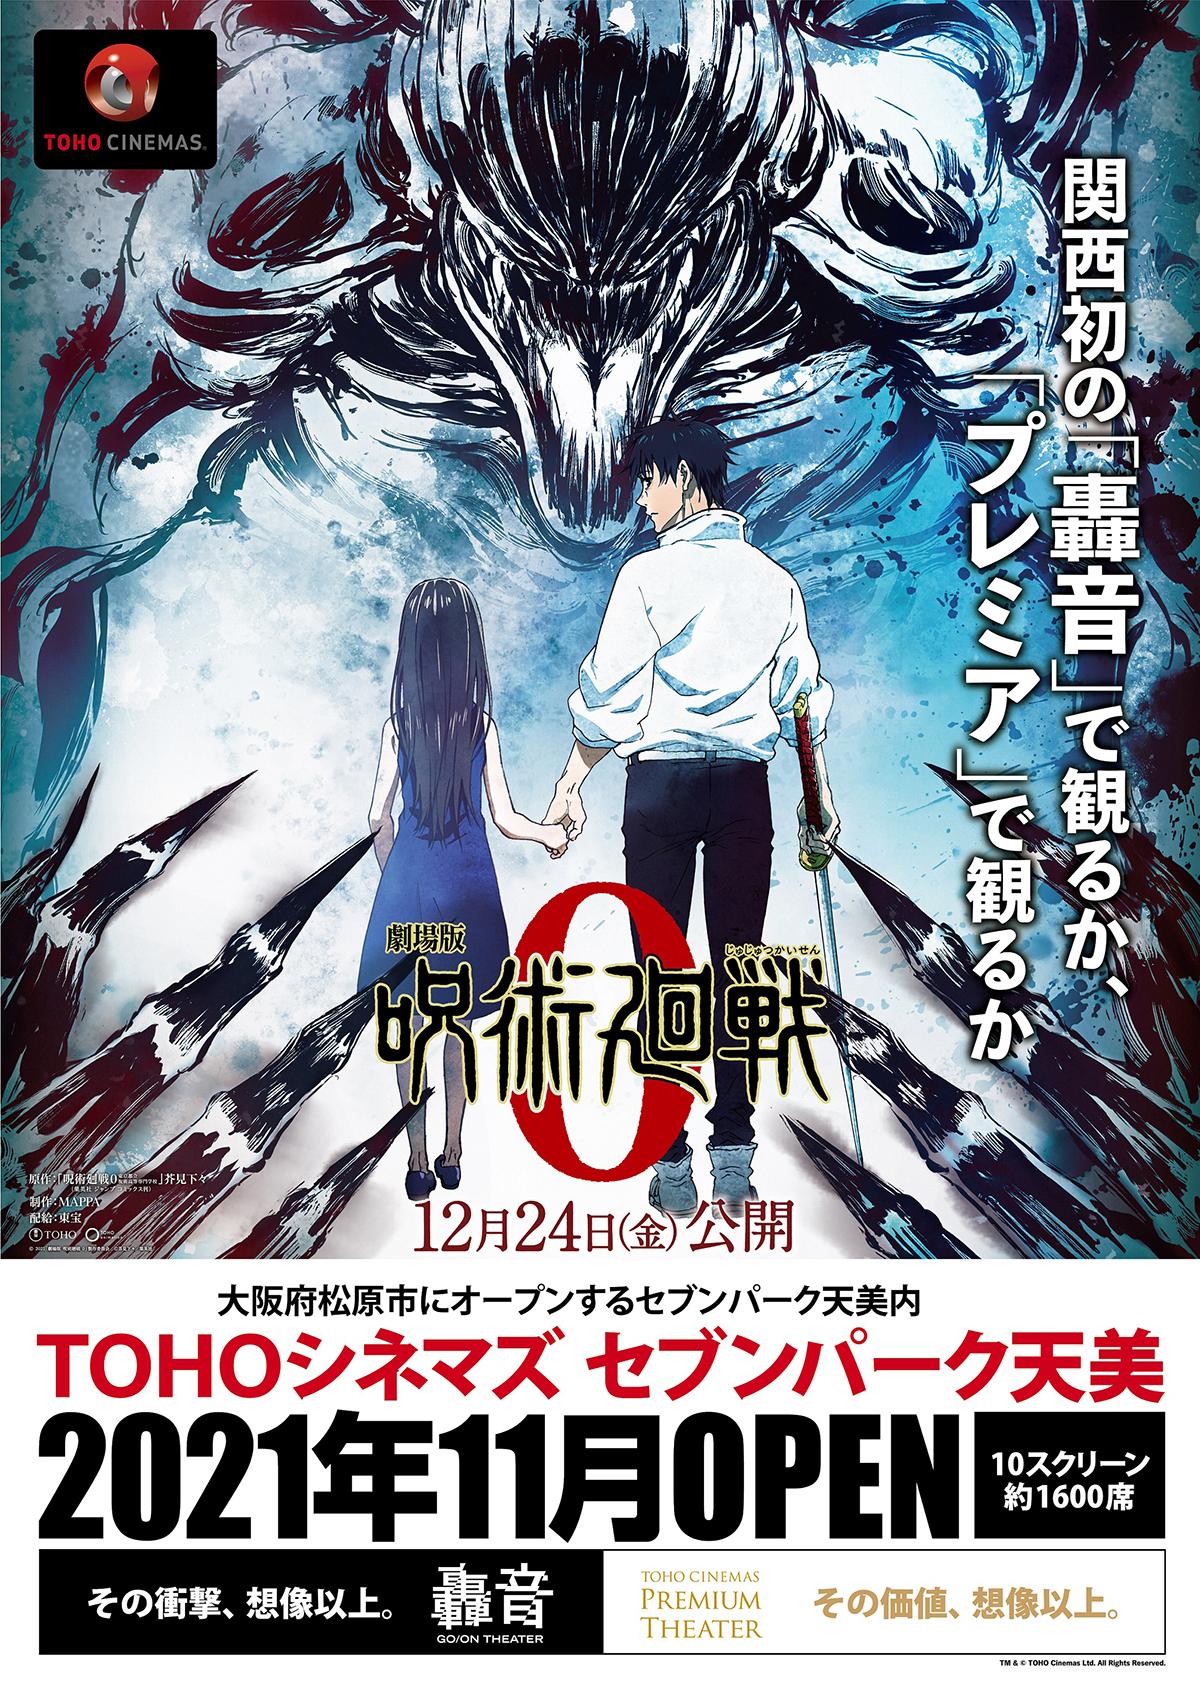 「劇場版 呪術廻戦 0 」とTOHOシネマズセブンパーク天美のコラボレーション・オ ープニングポスター